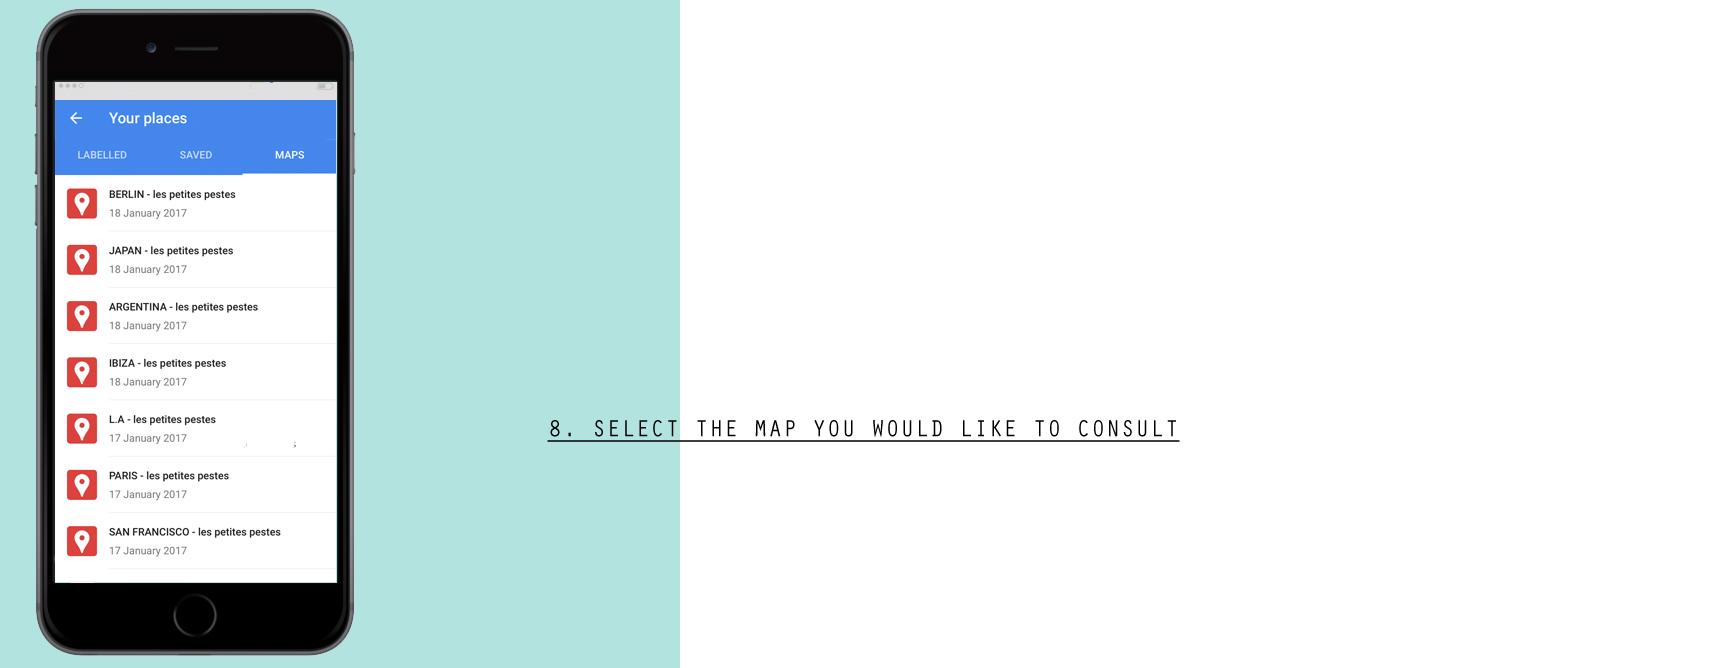 LPPCITYGUIDE-CITYGUIDE-WHAT TO DO-10.jpg